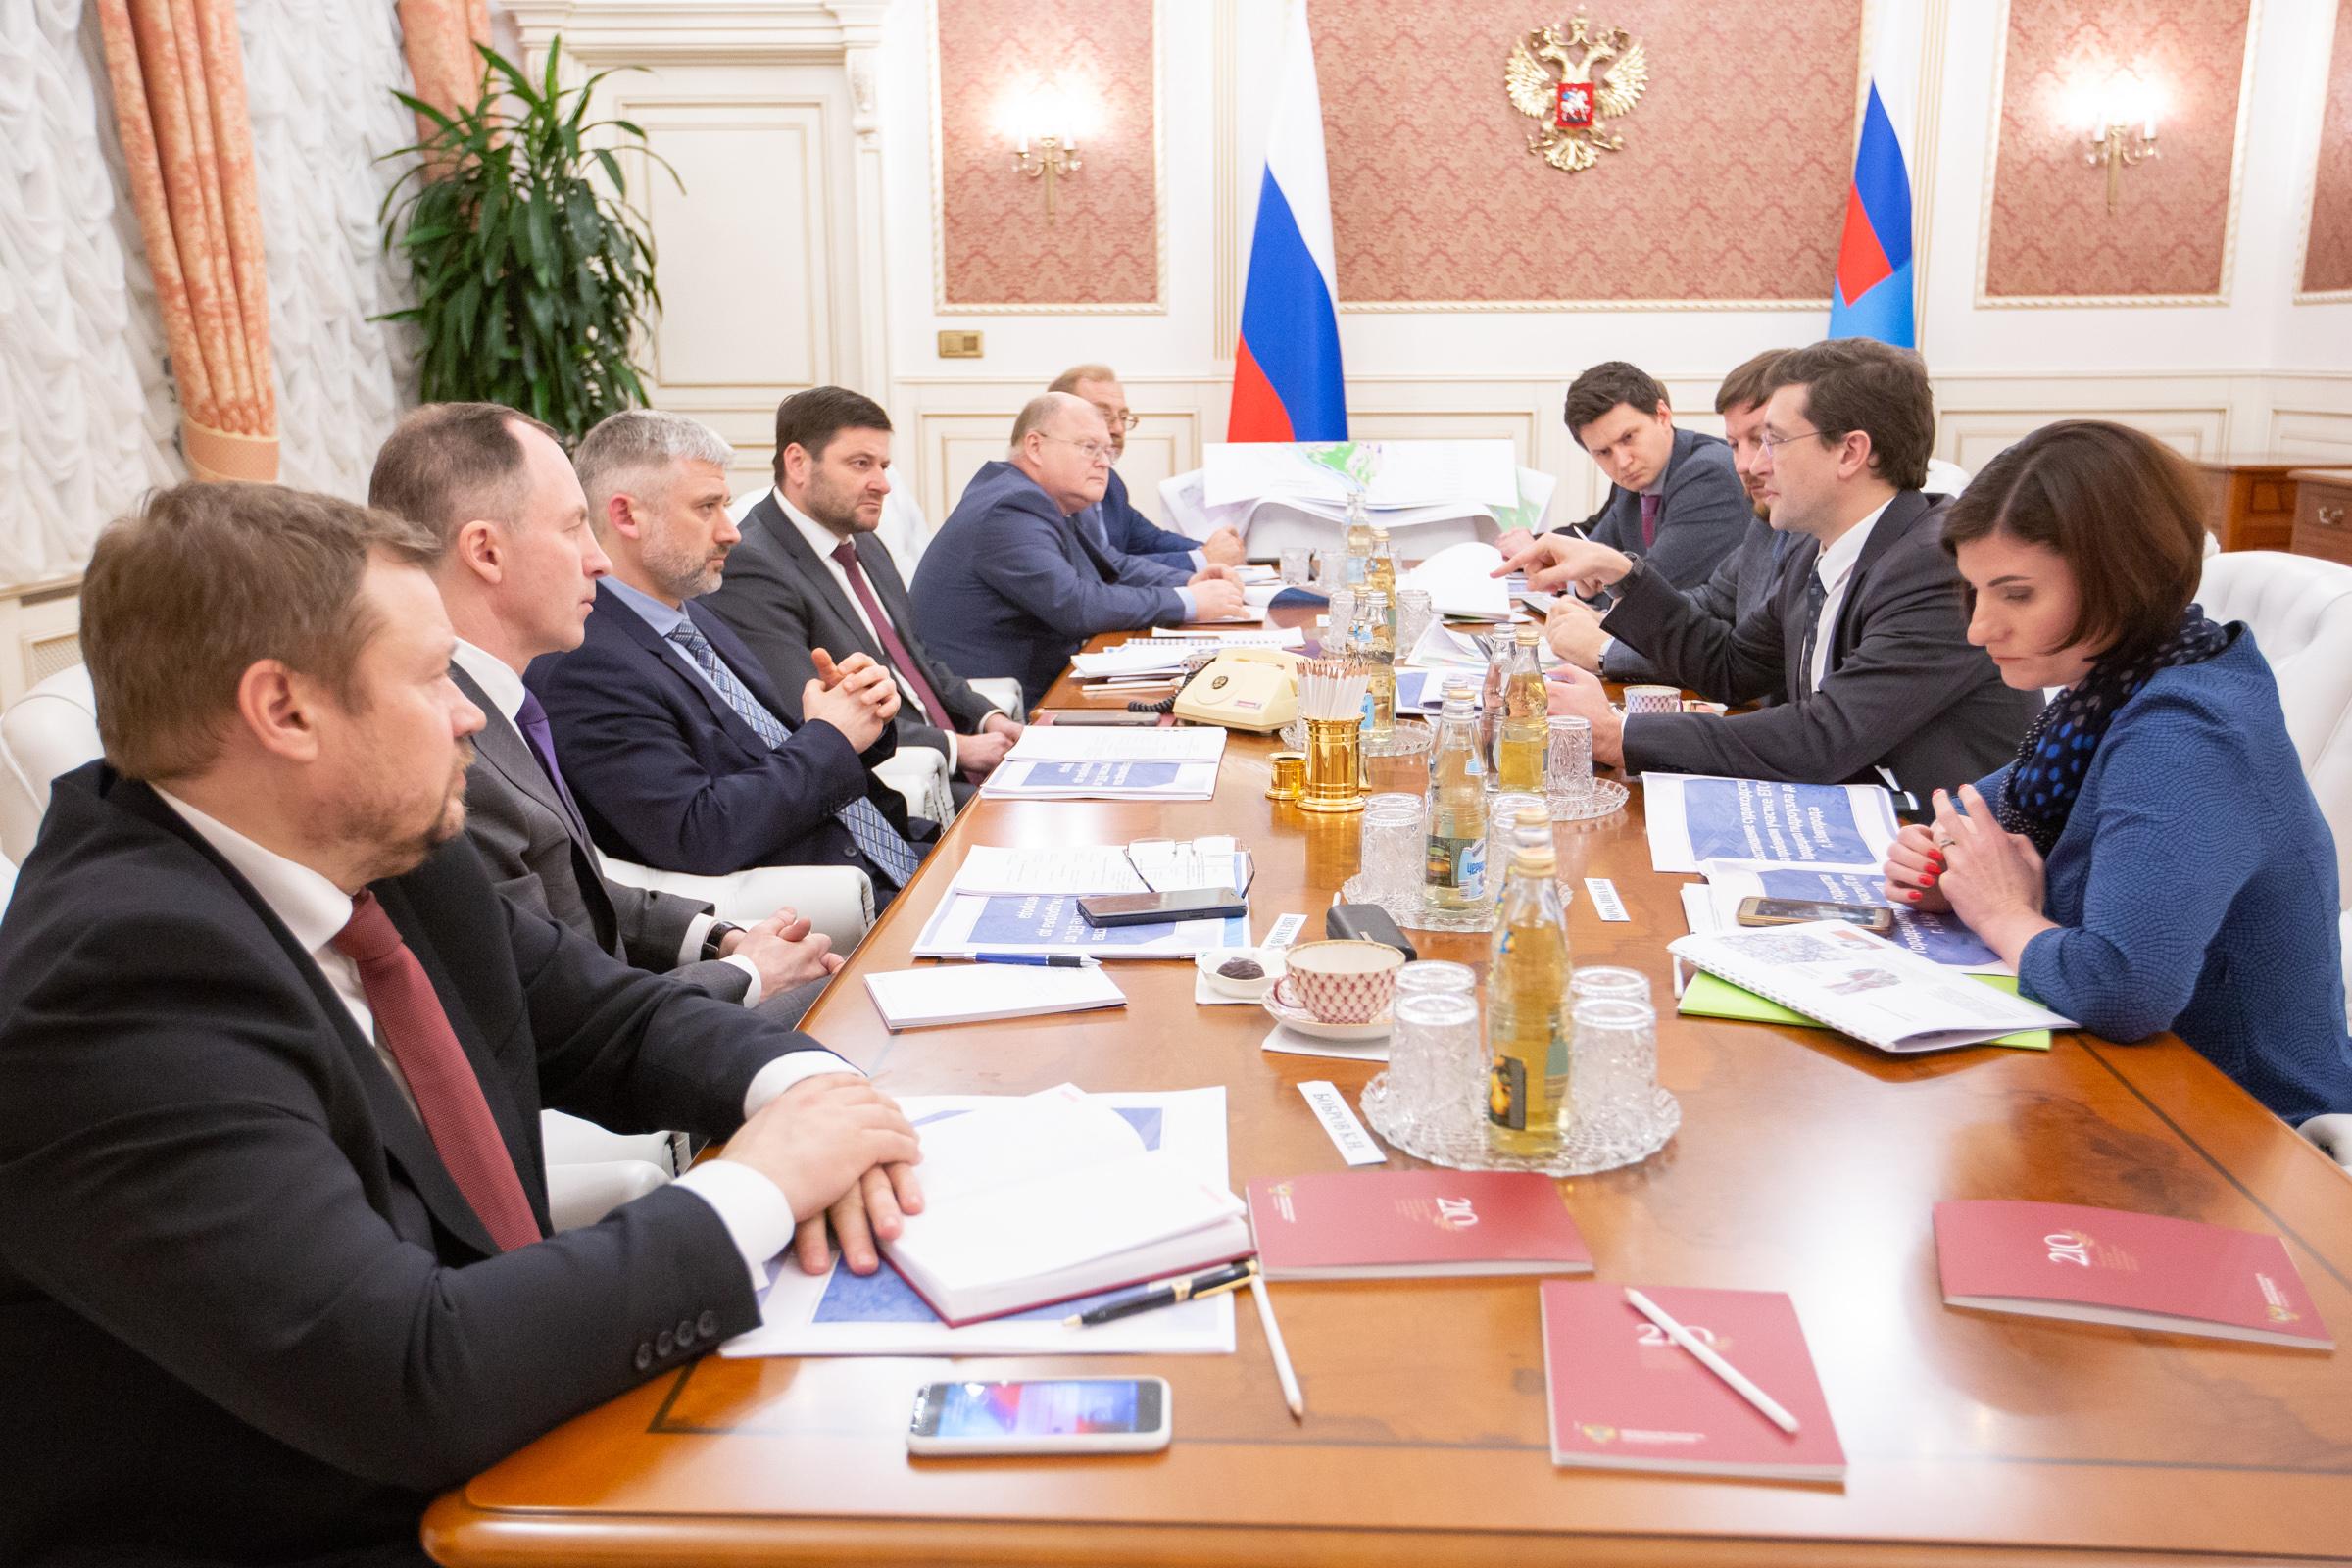 Рабочую группу по вопросам строительства гидроузла создадут нижегородское правительство и Минтранс РФ